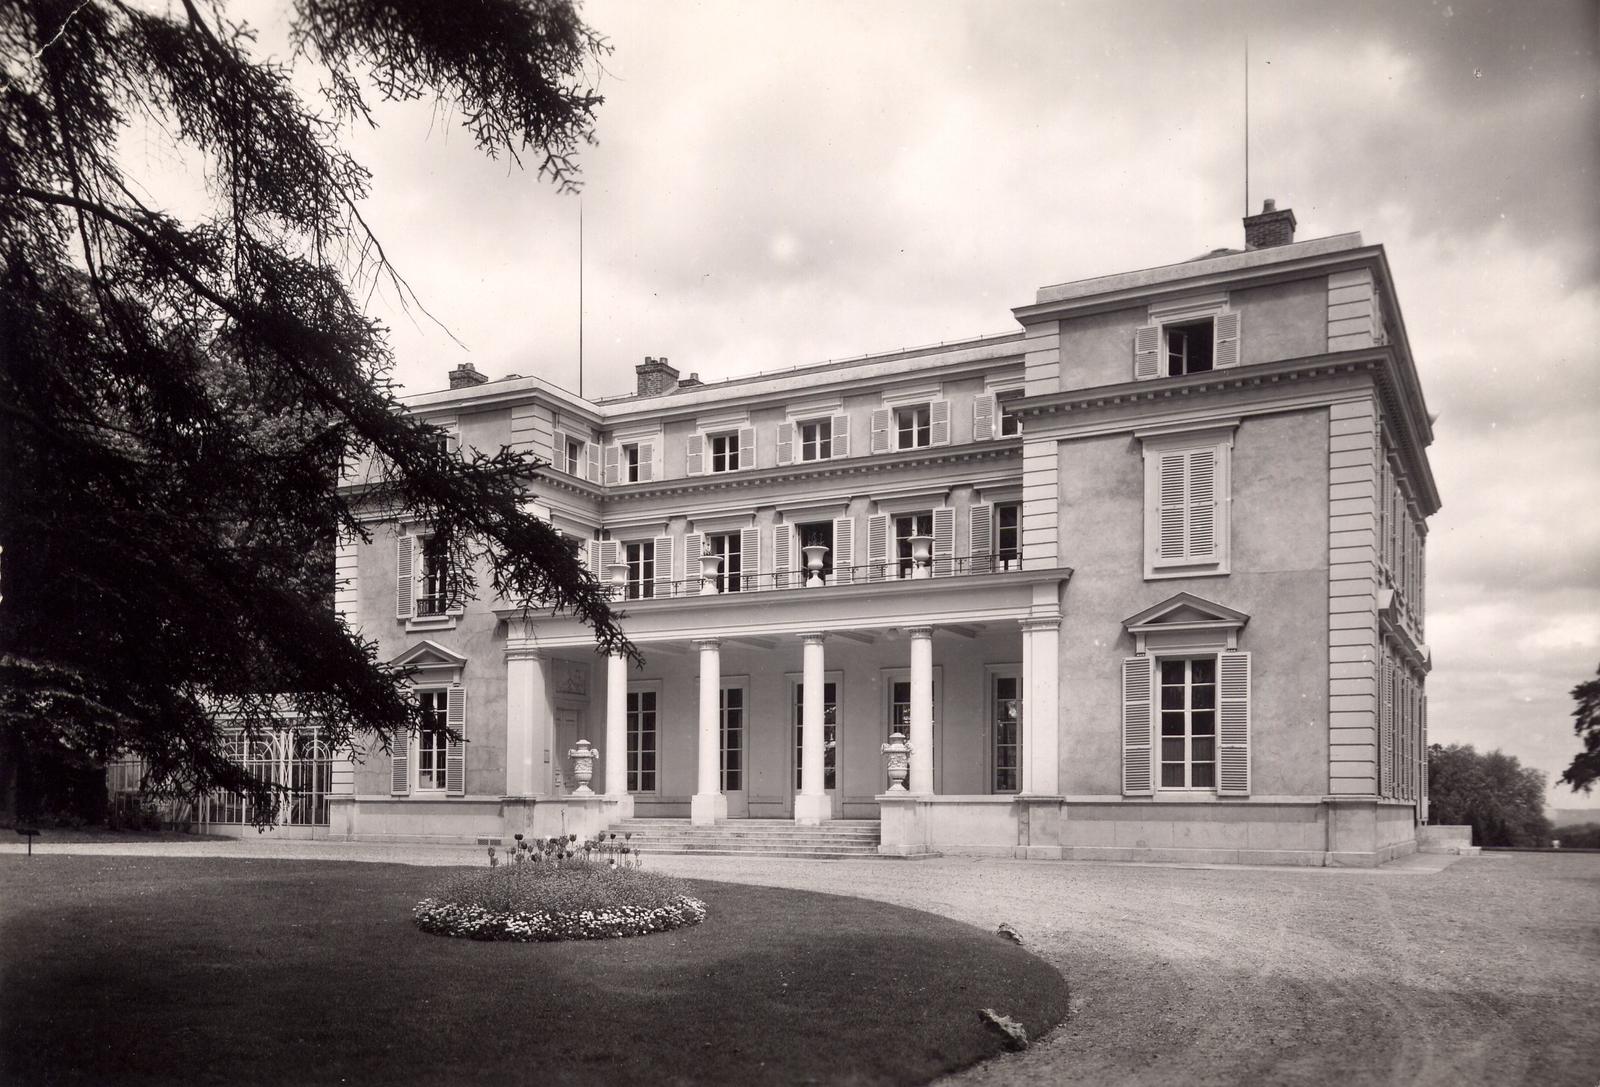 Louveciennes - CHÂTEAU DE VOISINS : Le comte Hocquart de Turtot fait construire ce château sur la propriété du marquis de Cavoye, grand maréchal à la cour et ami d'enfance de Louis XIV. Cette propriété passe au XVIIIème siècle à la princesse de Conti, petite-fille de Louis XIV et de Madame de Montespan, pour laquelle Ledoux fait un projet de palais colossal surplombant le cour de la Seine.  Elle devient ensuite la propriété des Le Coulteux, hantée par le souvenir de Fanny chantée par André Chénier. A la fin du XIXème siècle, le banquier Guillaume Beer et son épouse Elena Goldsmidt y tiennent salon littéraire. Leconte de Lisle y écrit La Rose de Louveciennes. Il abrite un centre de formation BNP-PARIBAS